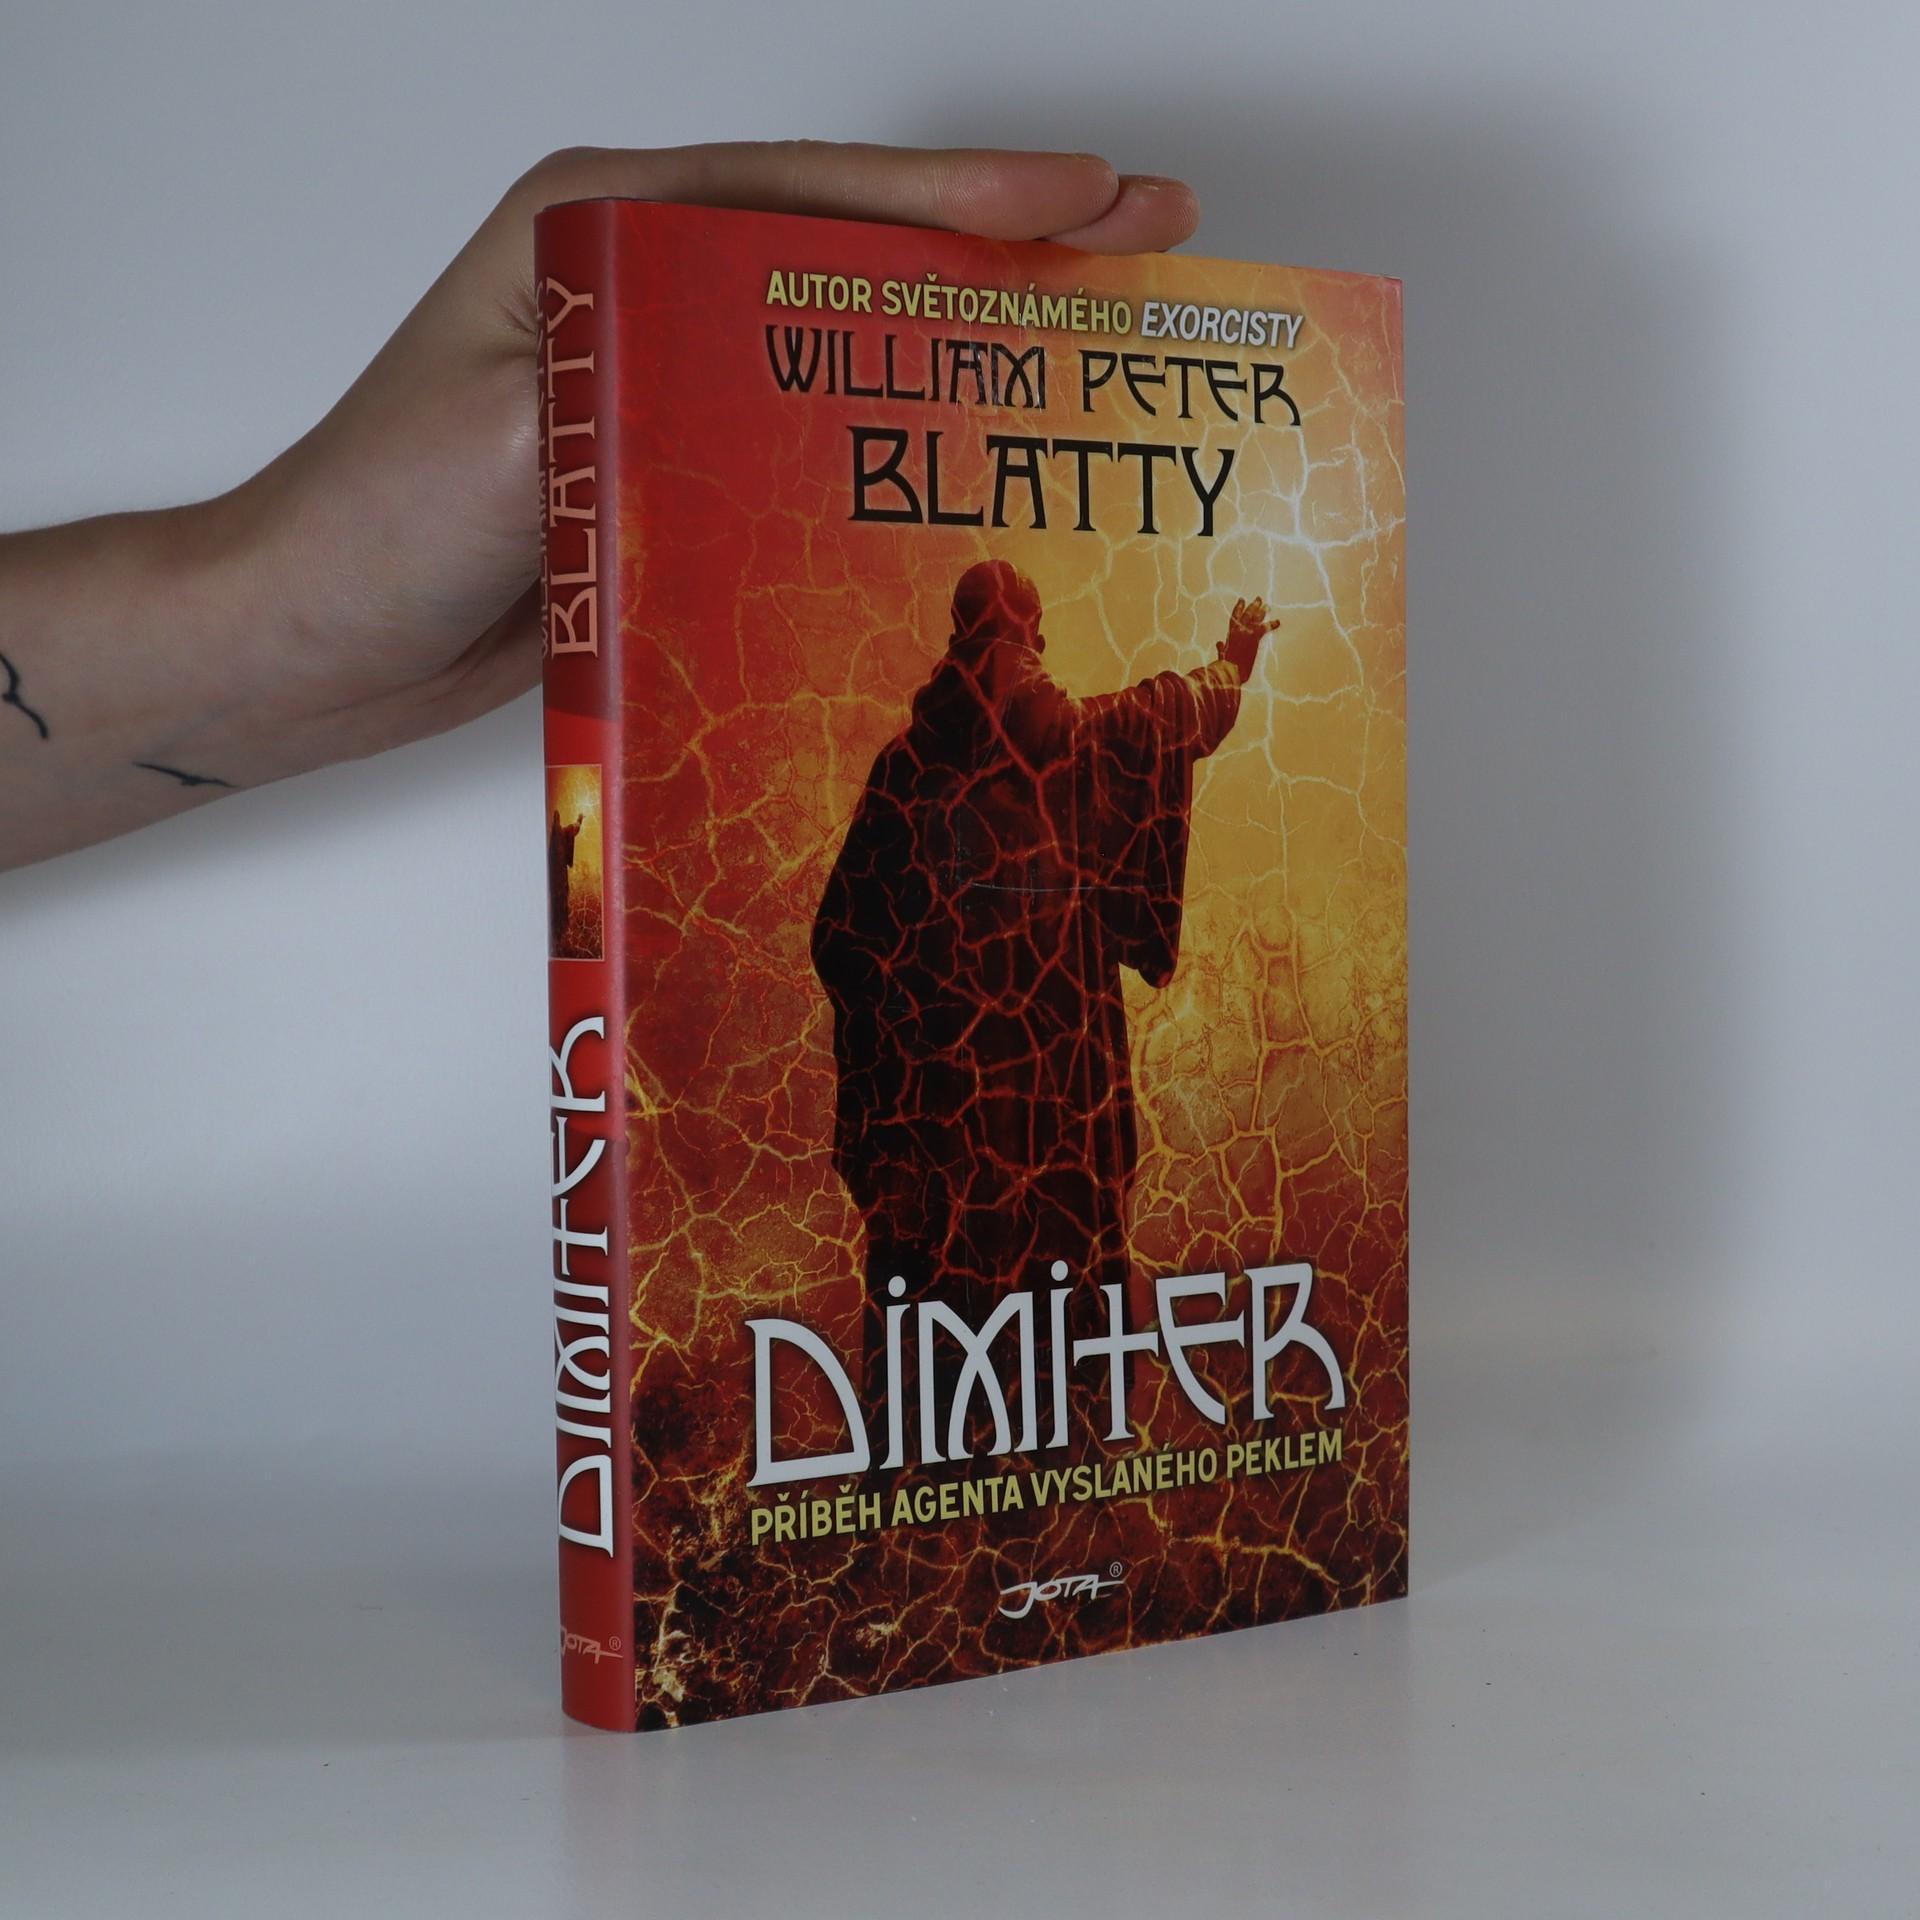 antikvární kniha Dimiter. Příběh agenta vyslaného peklem, 2011